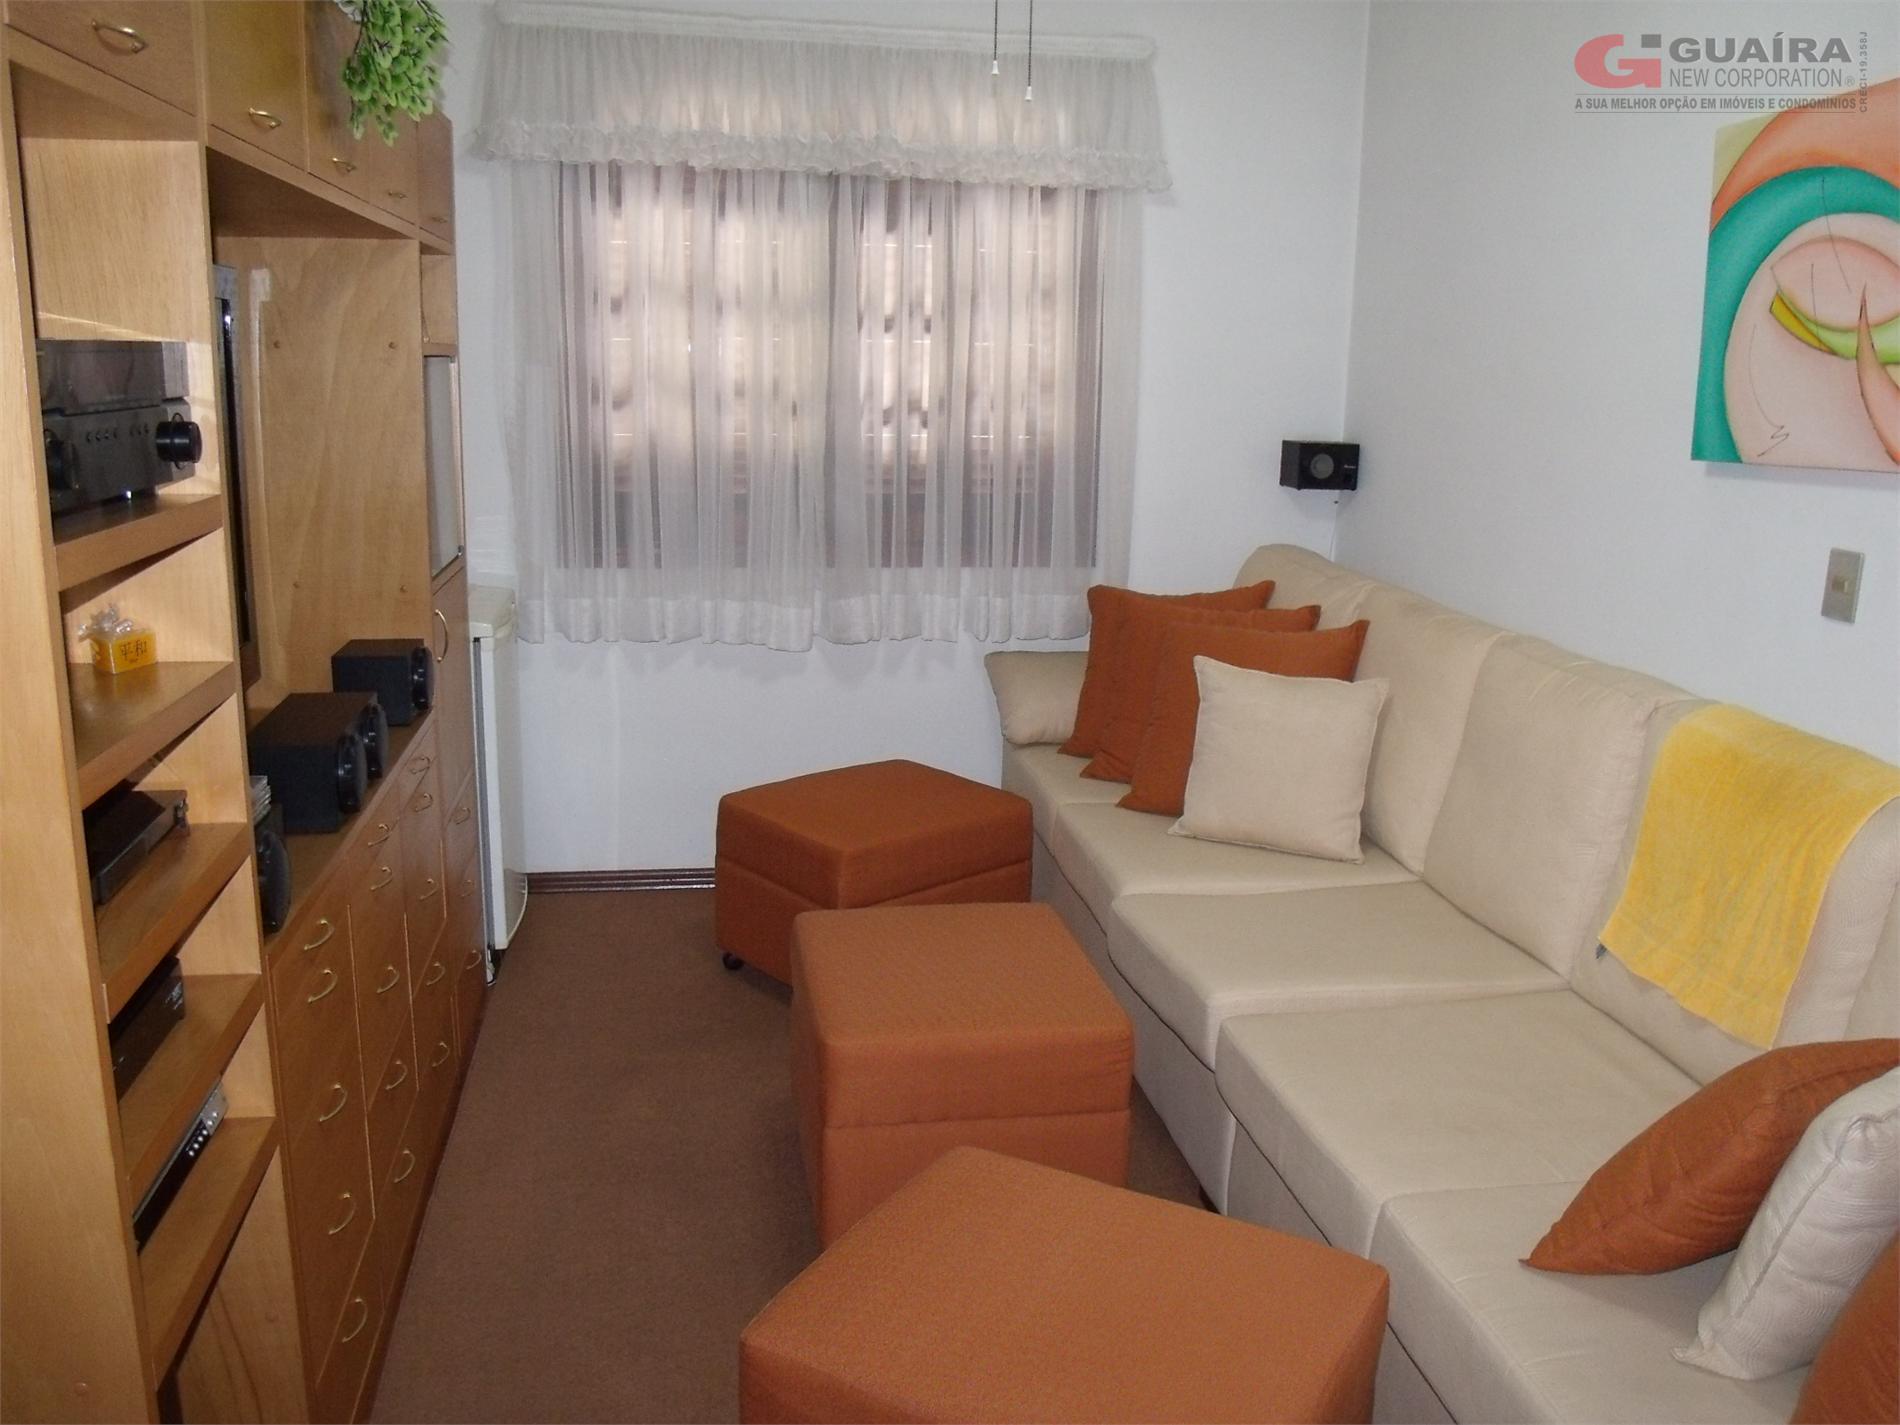 Sobrado de 5 dormitórios à venda em Campestre, Santo André - SP